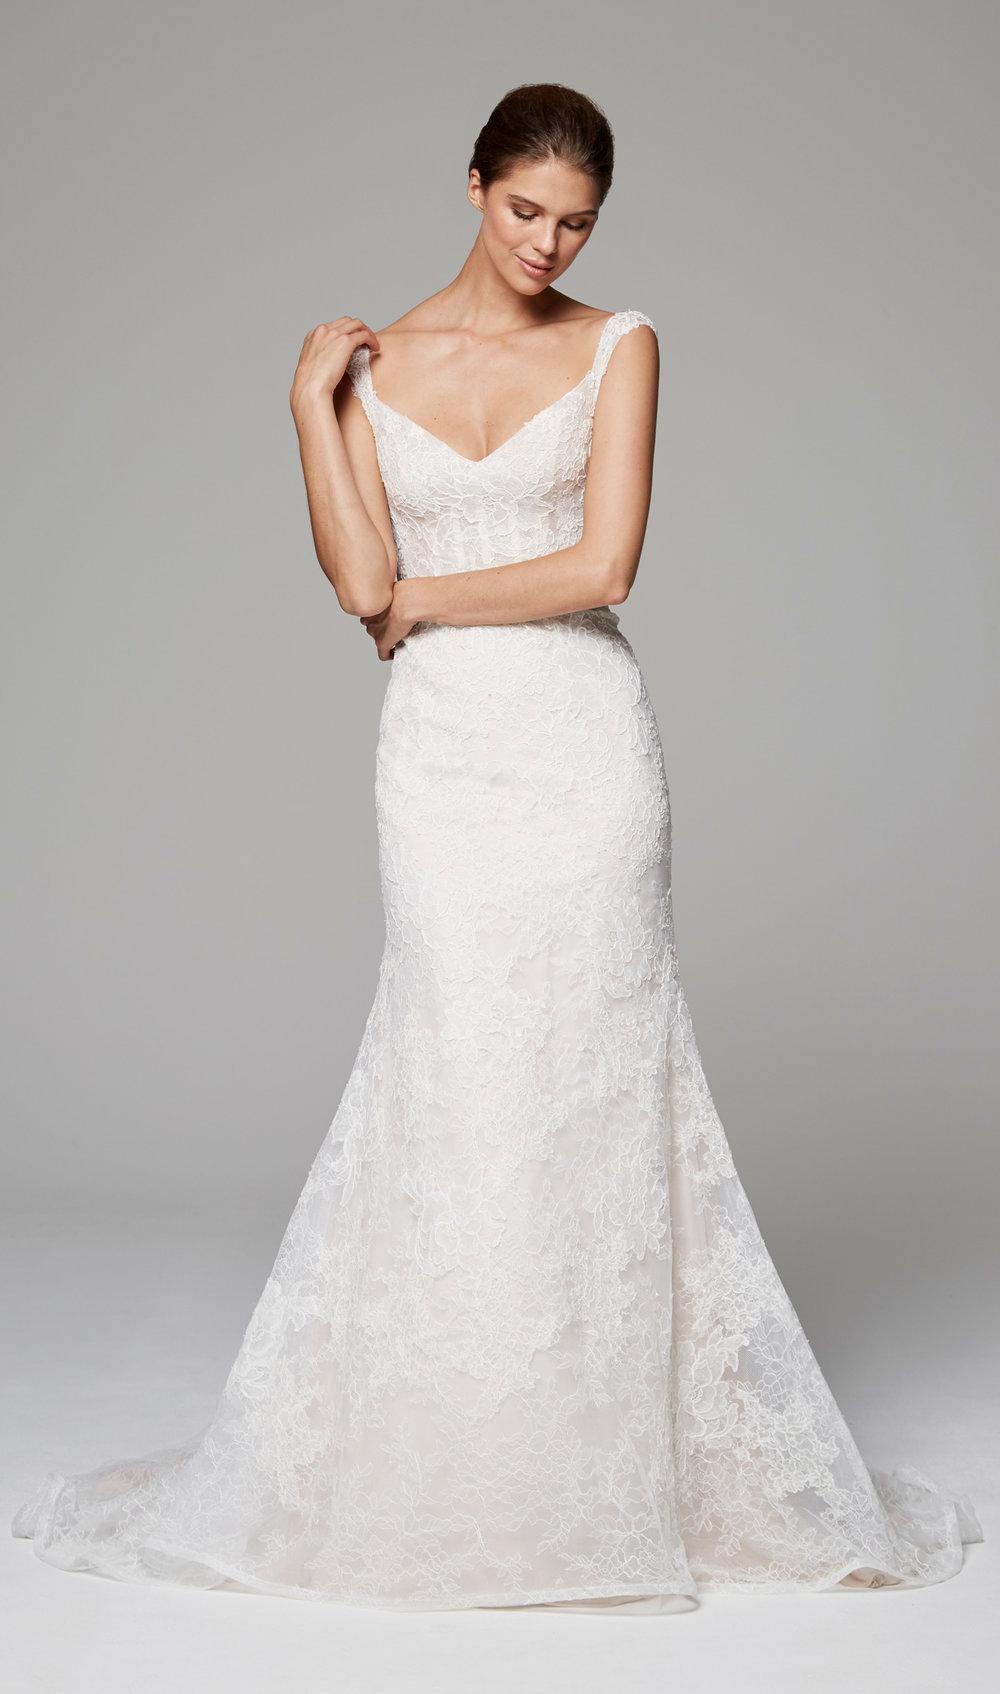 White dresses providence al